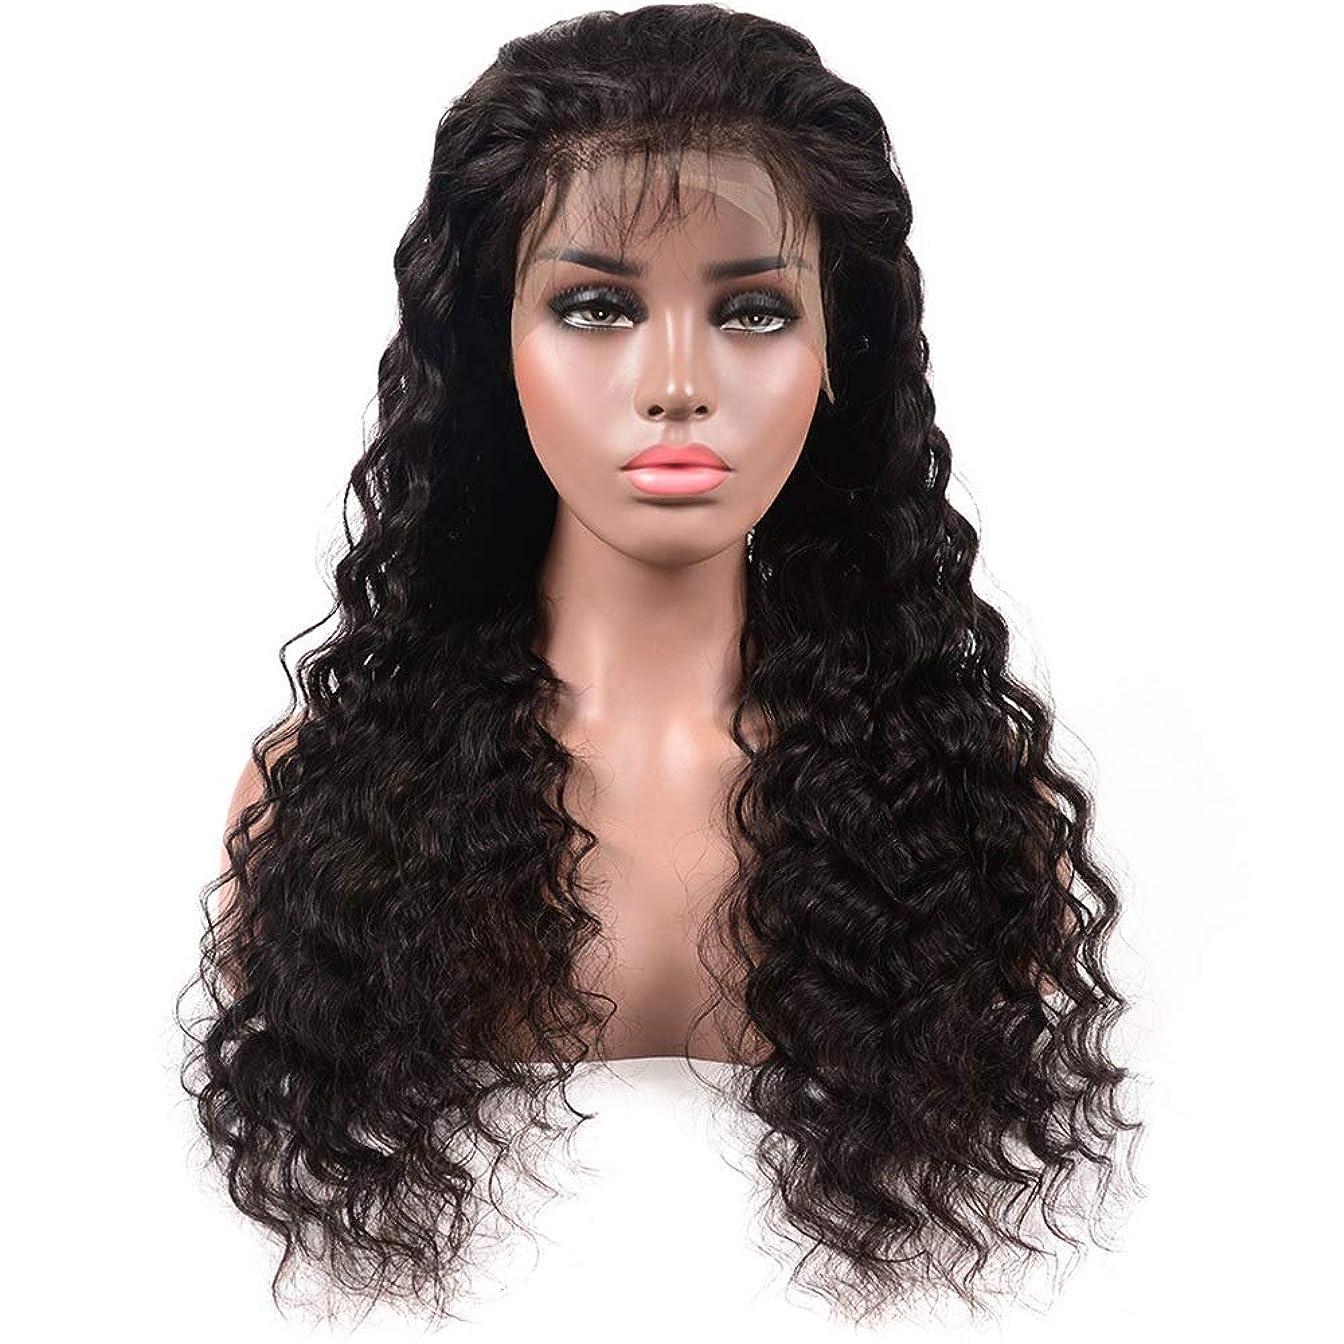 グレード眉是正BOBIDYEE ディープウェーブハーフハンド100%本物の人間の髪の毛の自然な黒の長い巻き毛のレースフロントかつら女性の毎日のドレス(8